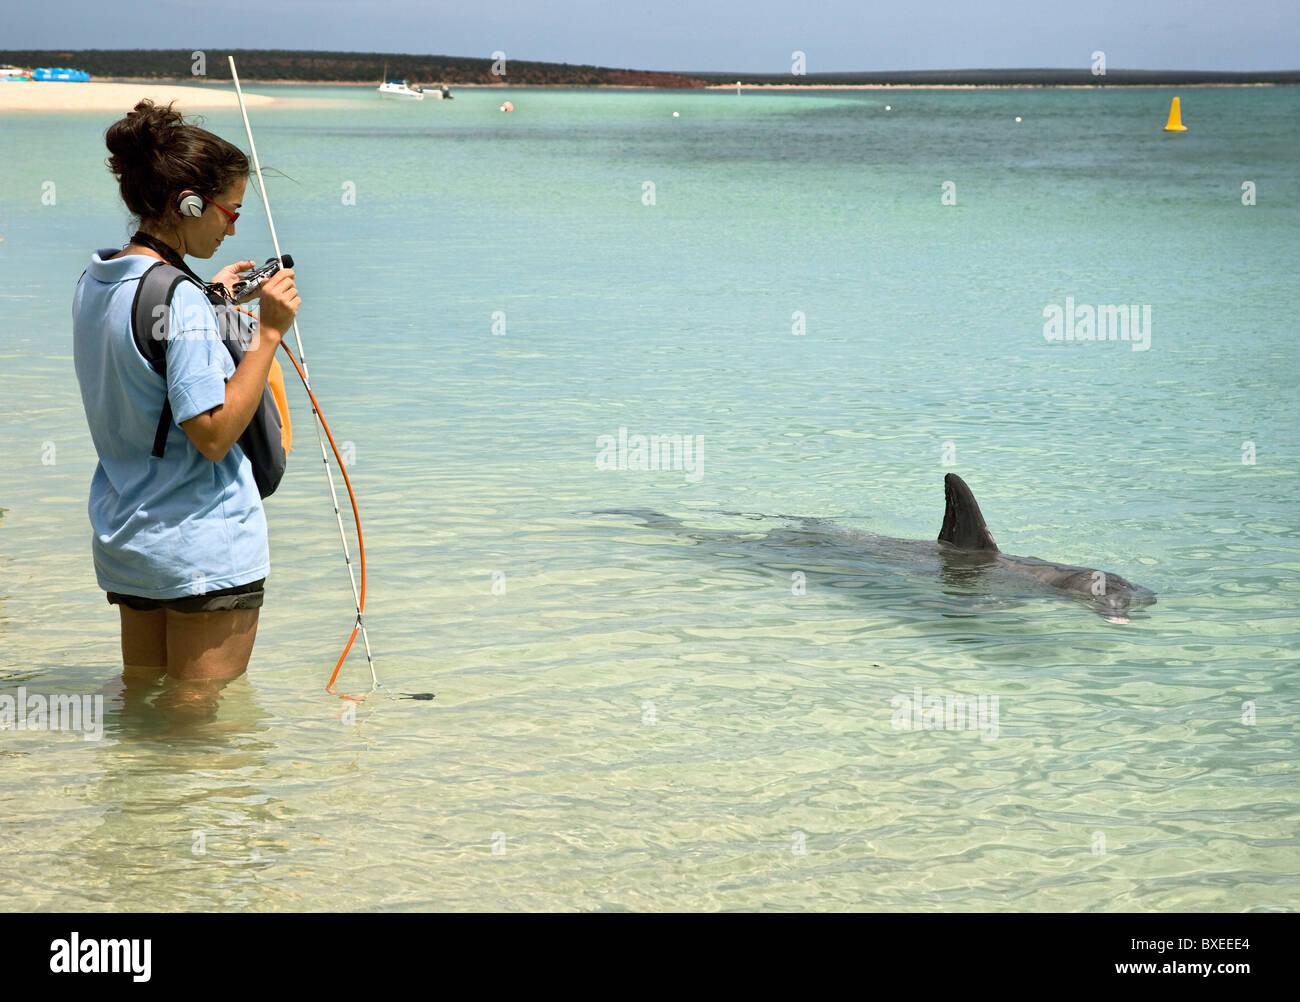 Frau mit sound Recording-Equipment Studium Echo Lage in Flasche Nase Delfine in Monkey Mia in Westaustralien Stockbild